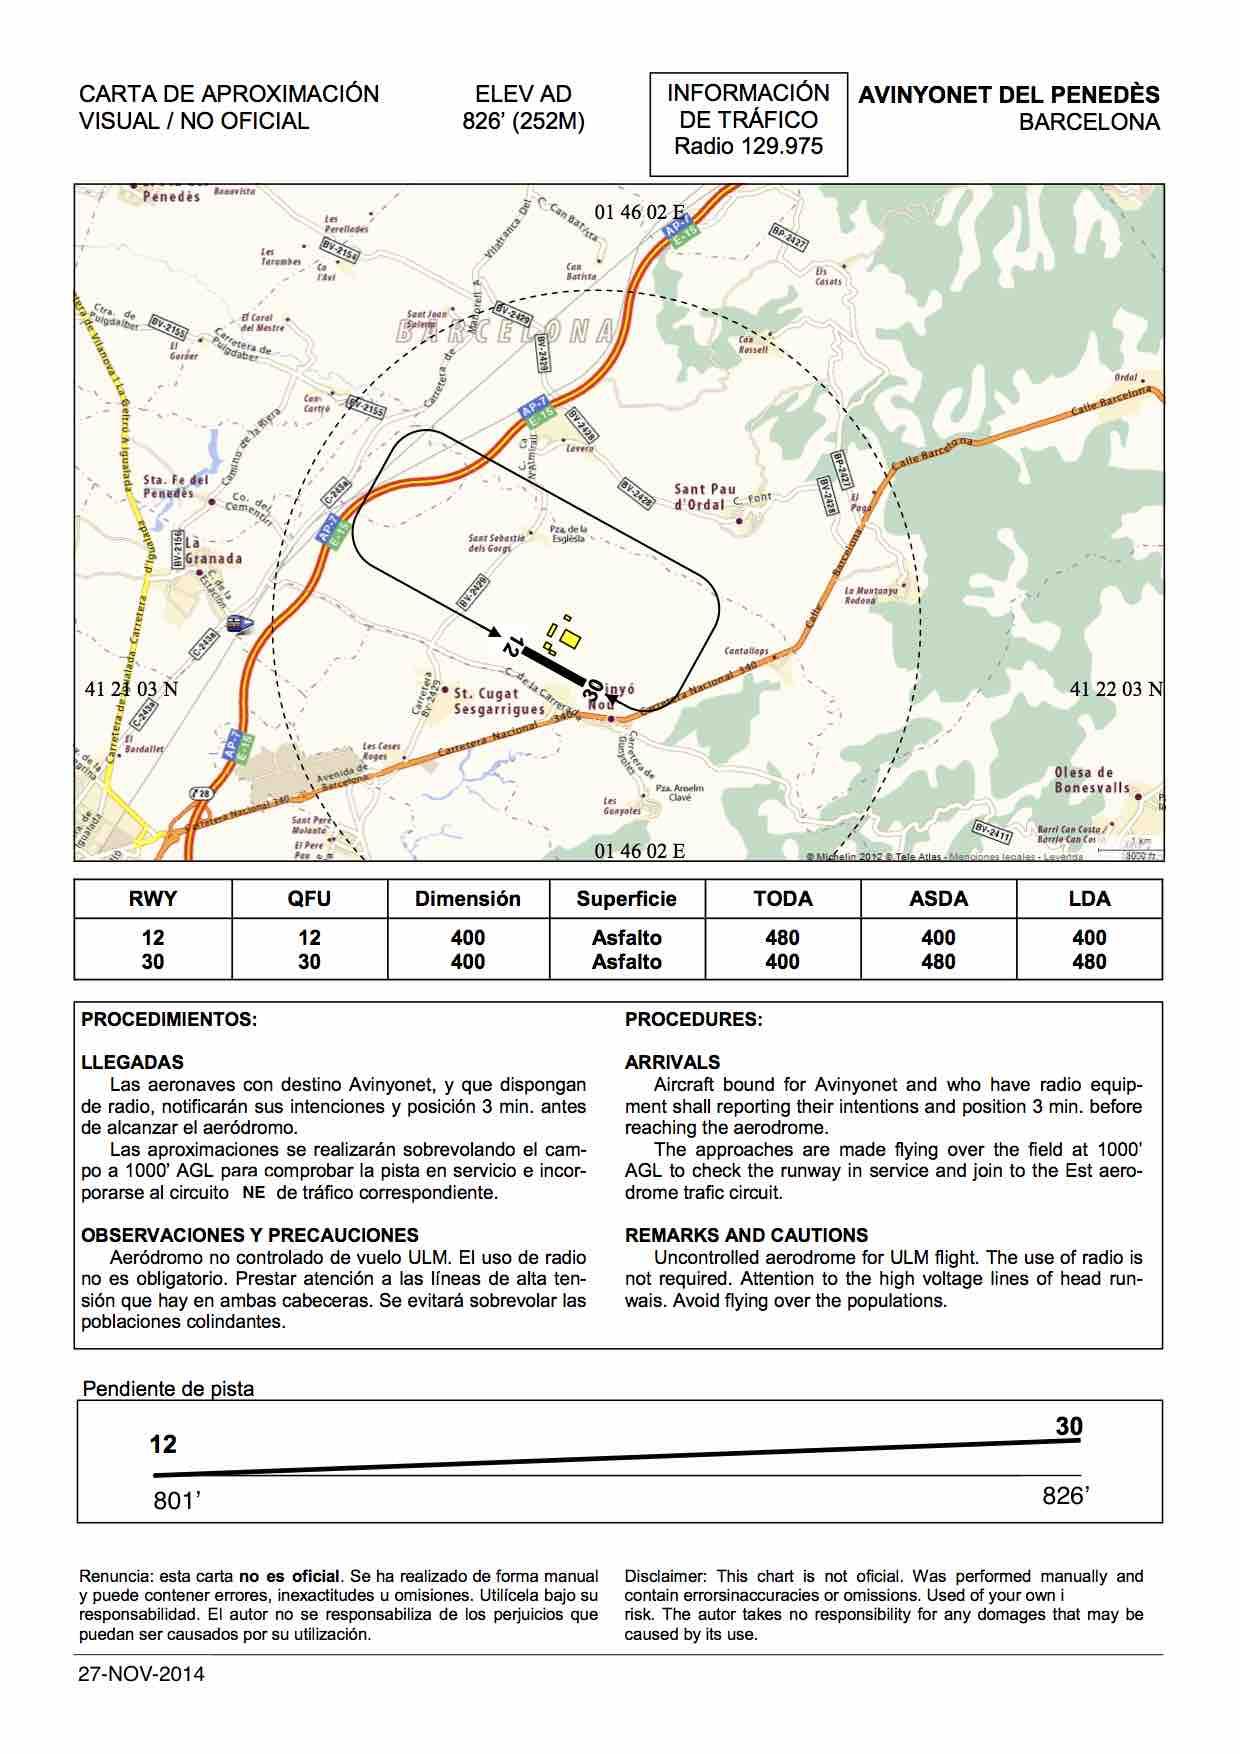 carta aproximación aerodromo avinyonet